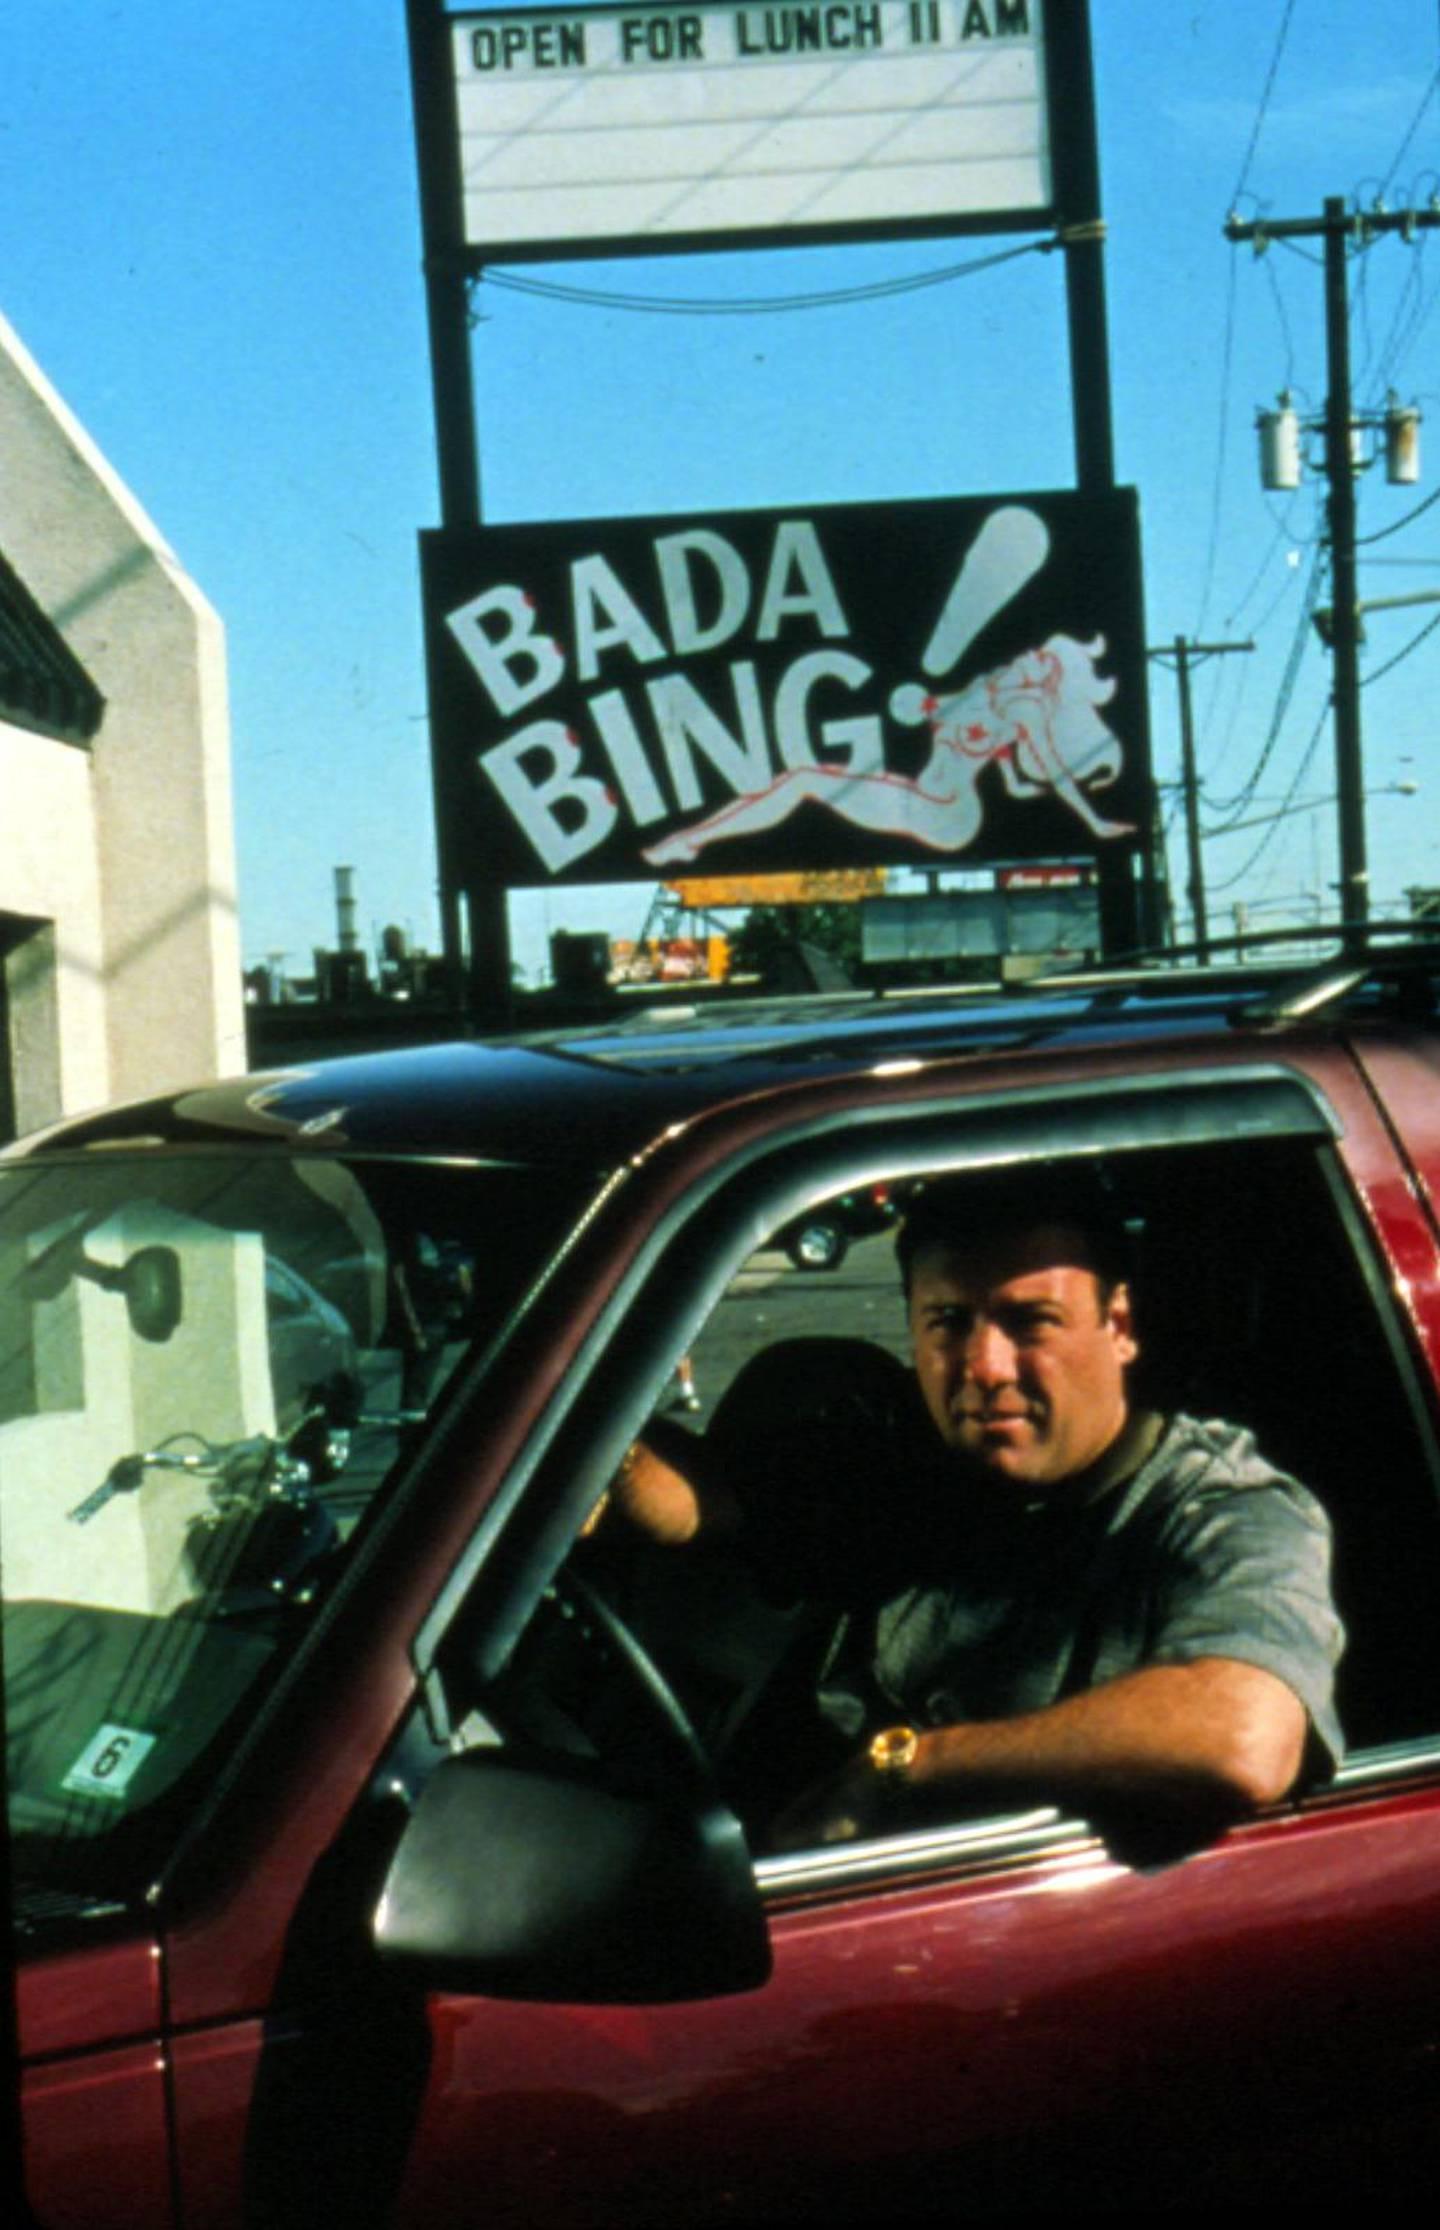 Tony Soprano (James Gandolfini) utenfor strippebula Bada Bing!, samlingsstedet for de innvidde.